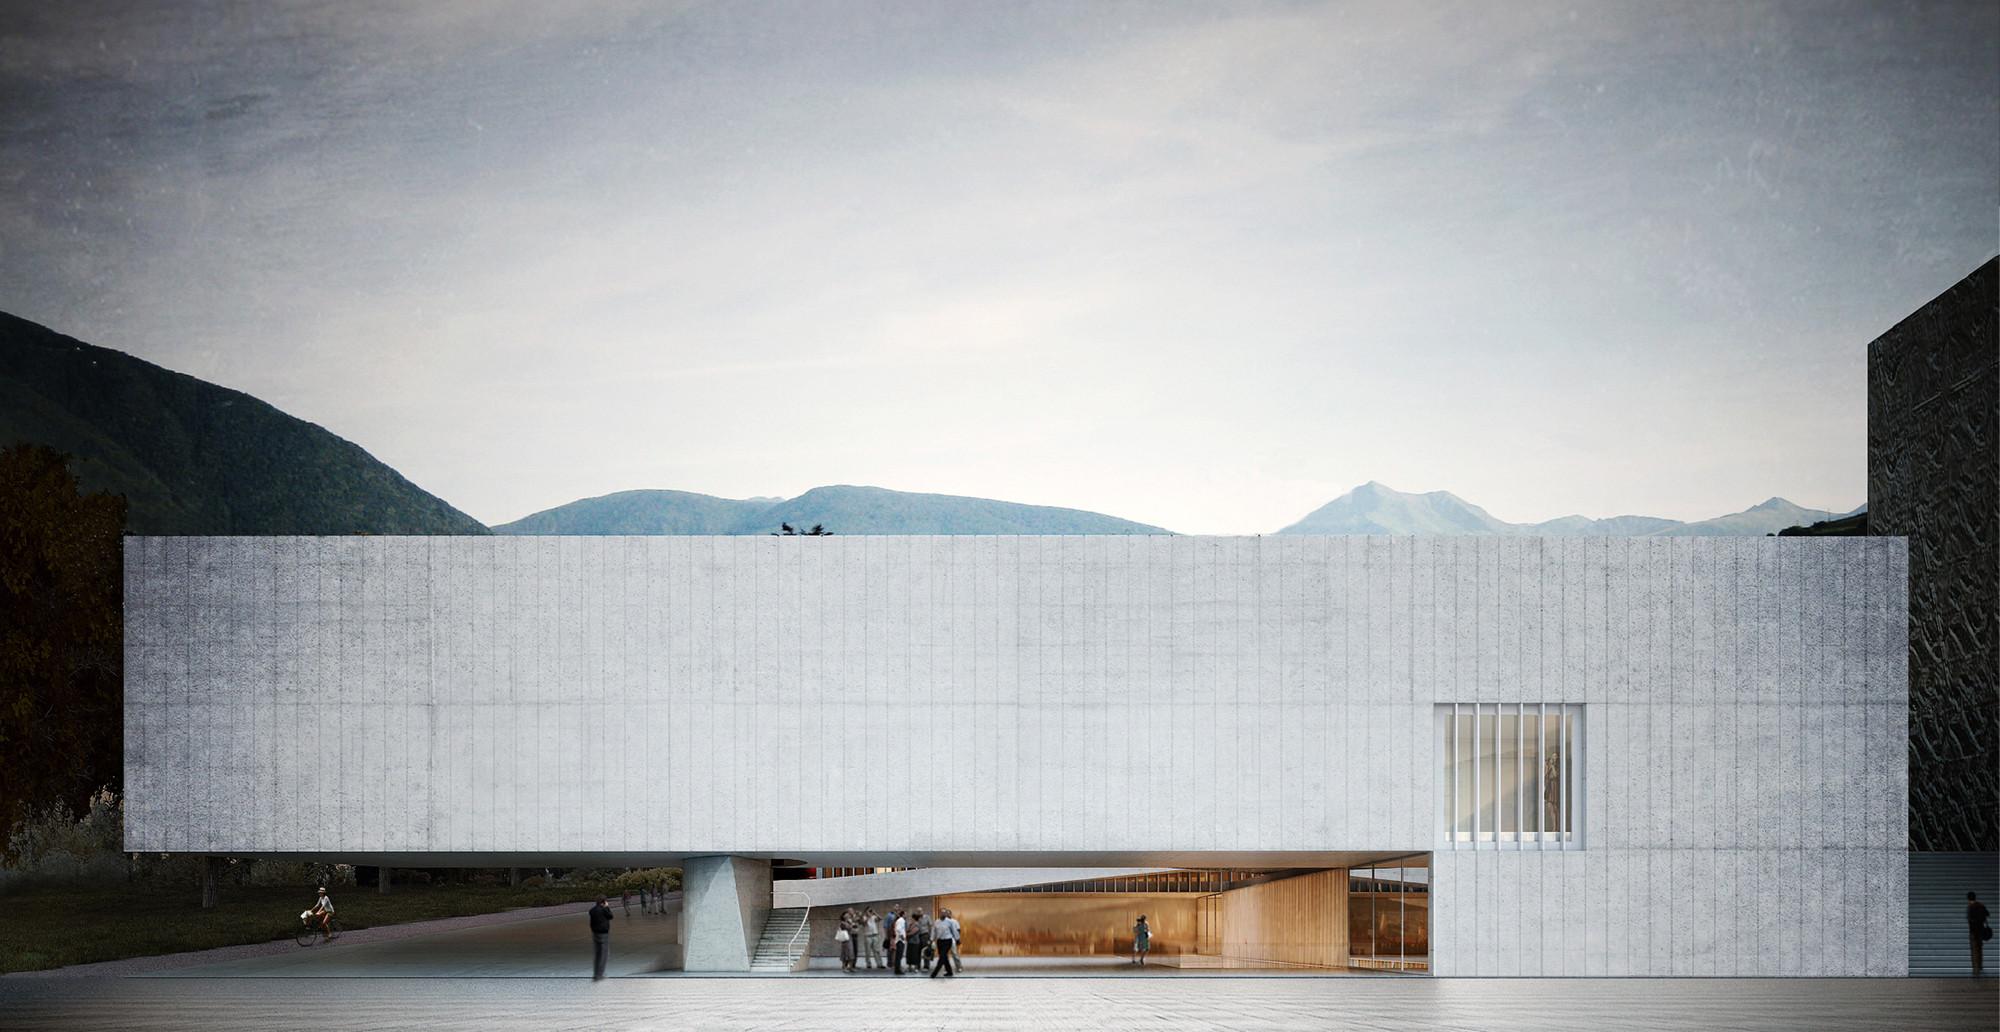 Aires Mateus + GSMM Architetti, mención honrosa por propuesta para futura escuela de música en Italia, Cortesia de Aires Mateus